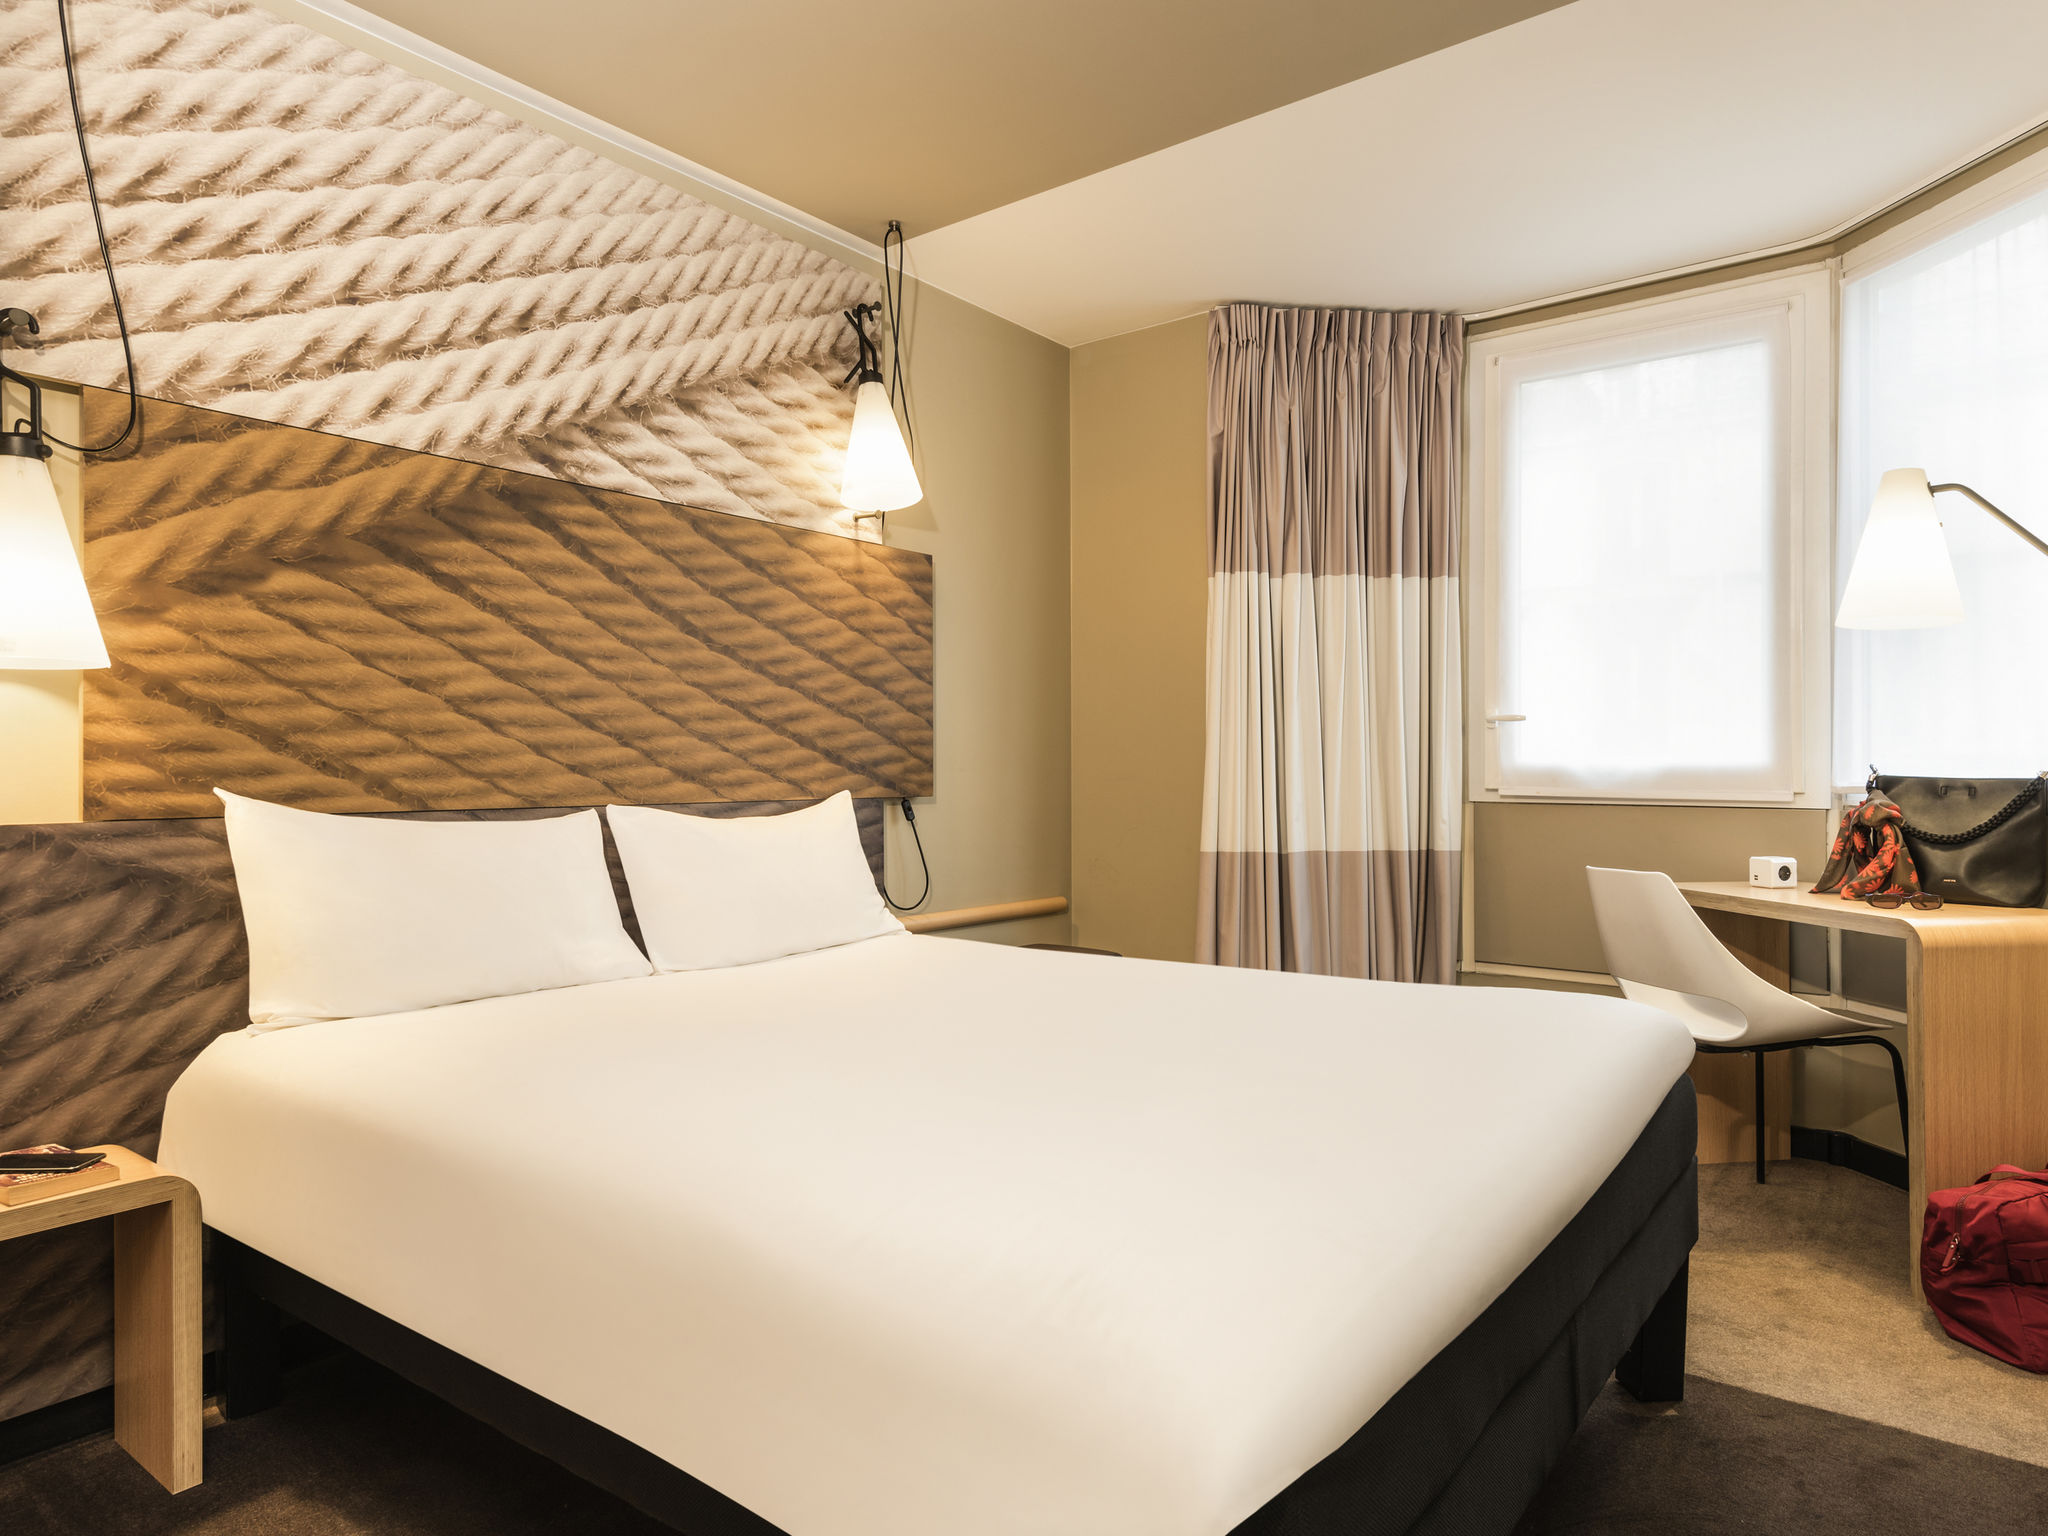 โรงแรม – ไอบิส การ์ นอร์ ชาโตว์ ล็องดง 10เอเม่